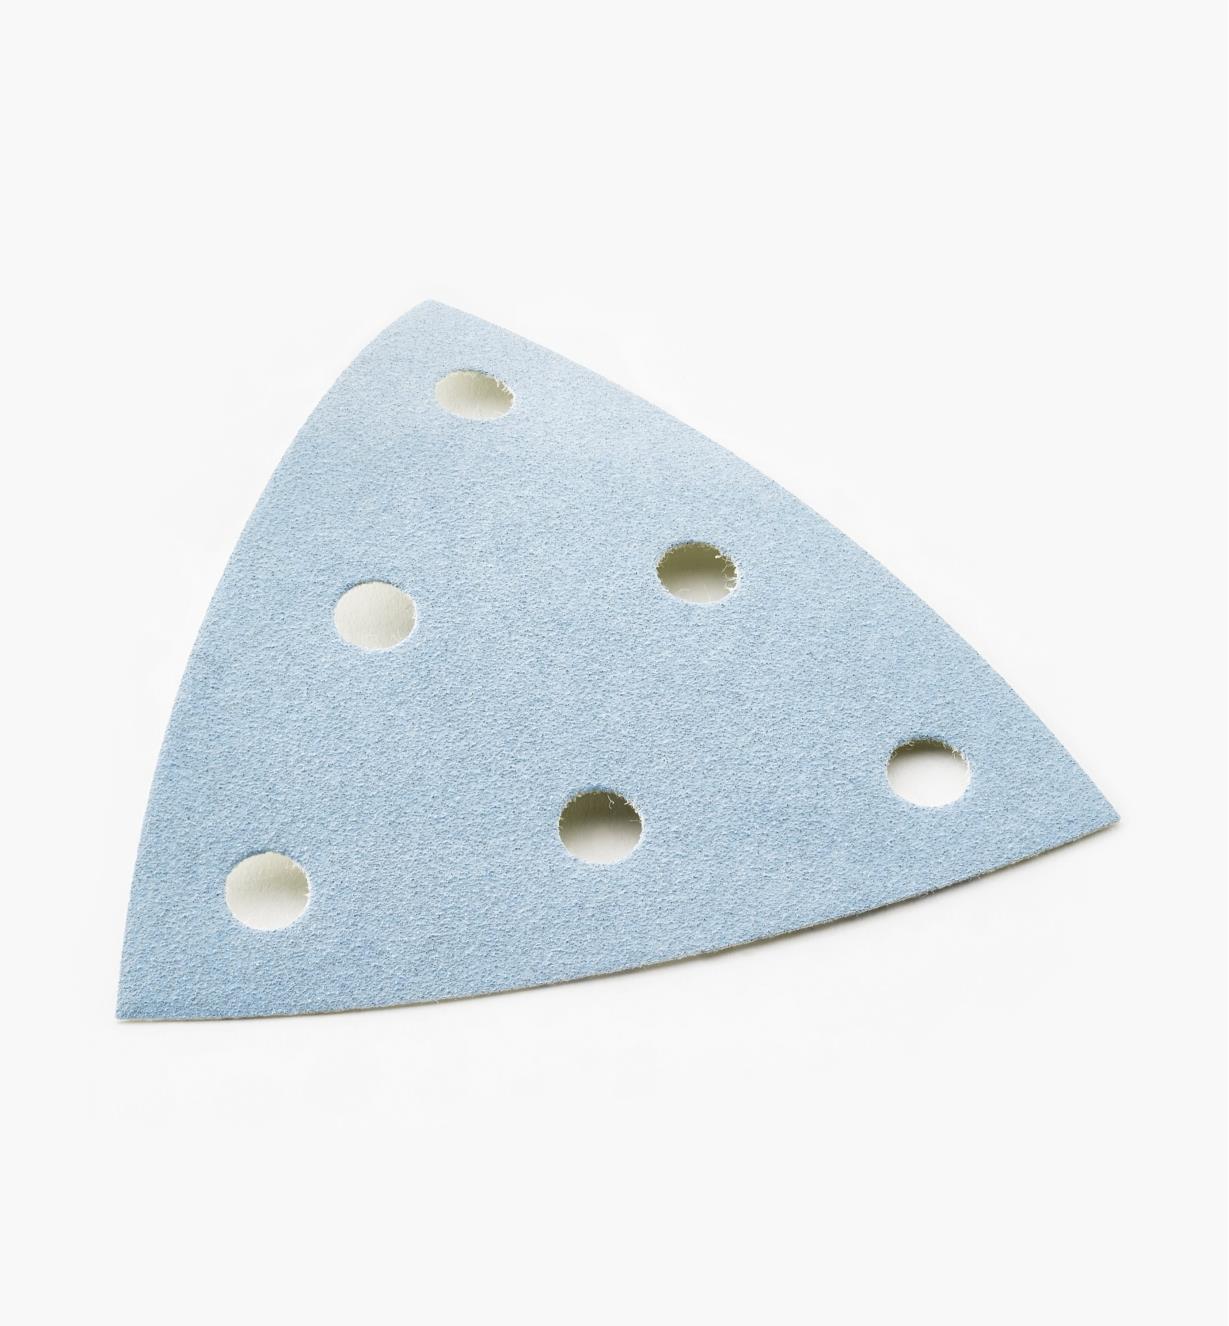 ZA497395 - Abrasifs Granat (P 150), Qté 100